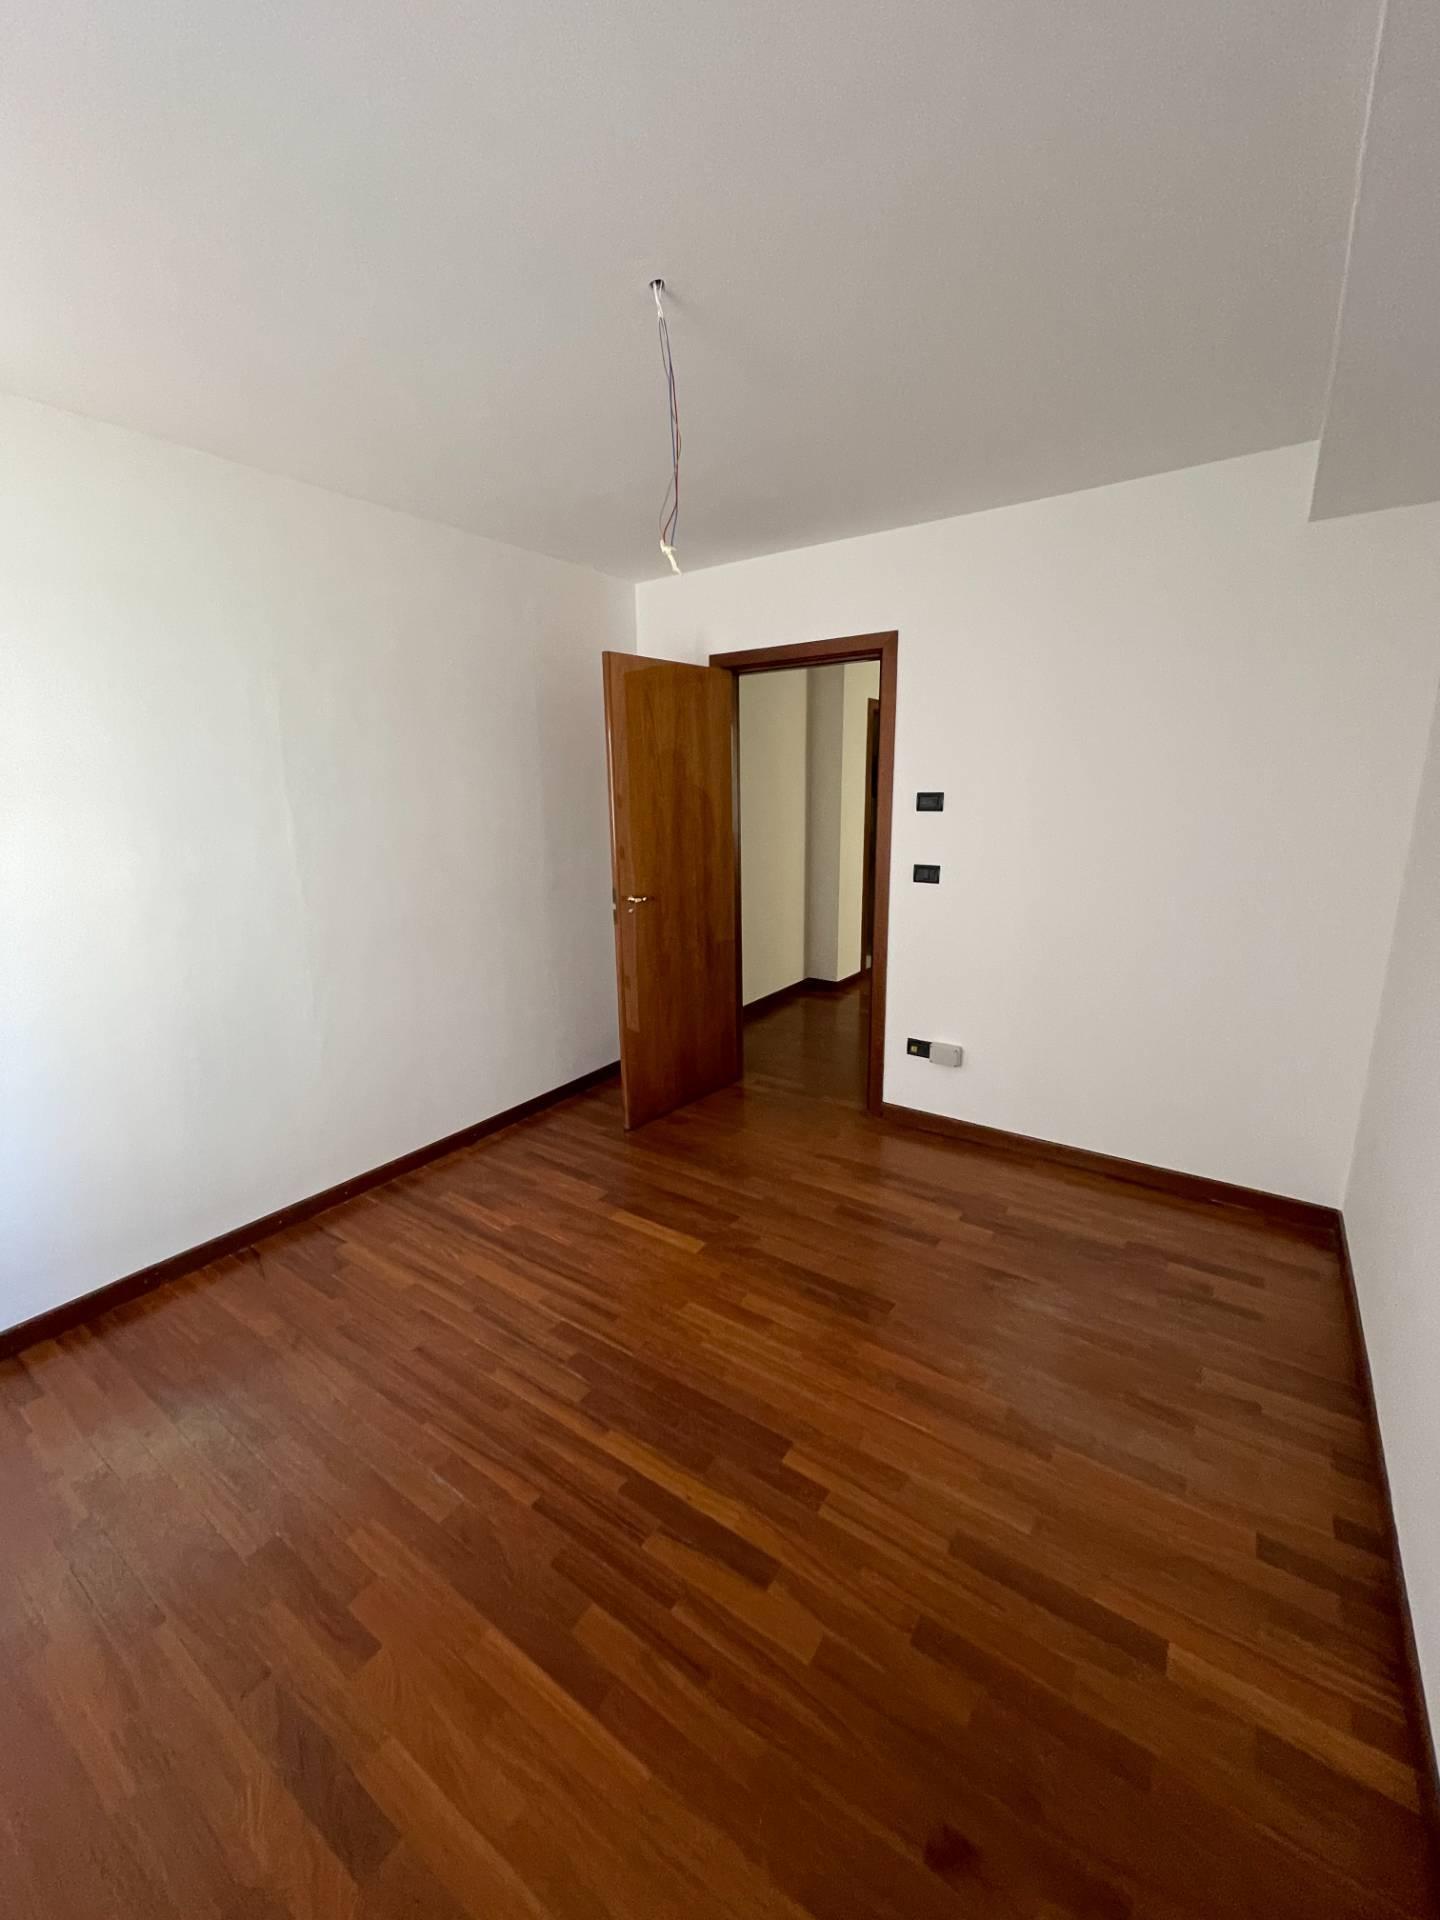 Ufficio / Studio in vendita a Merano, 9999 locali, prezzo € 100.000 | CambioCasa.it